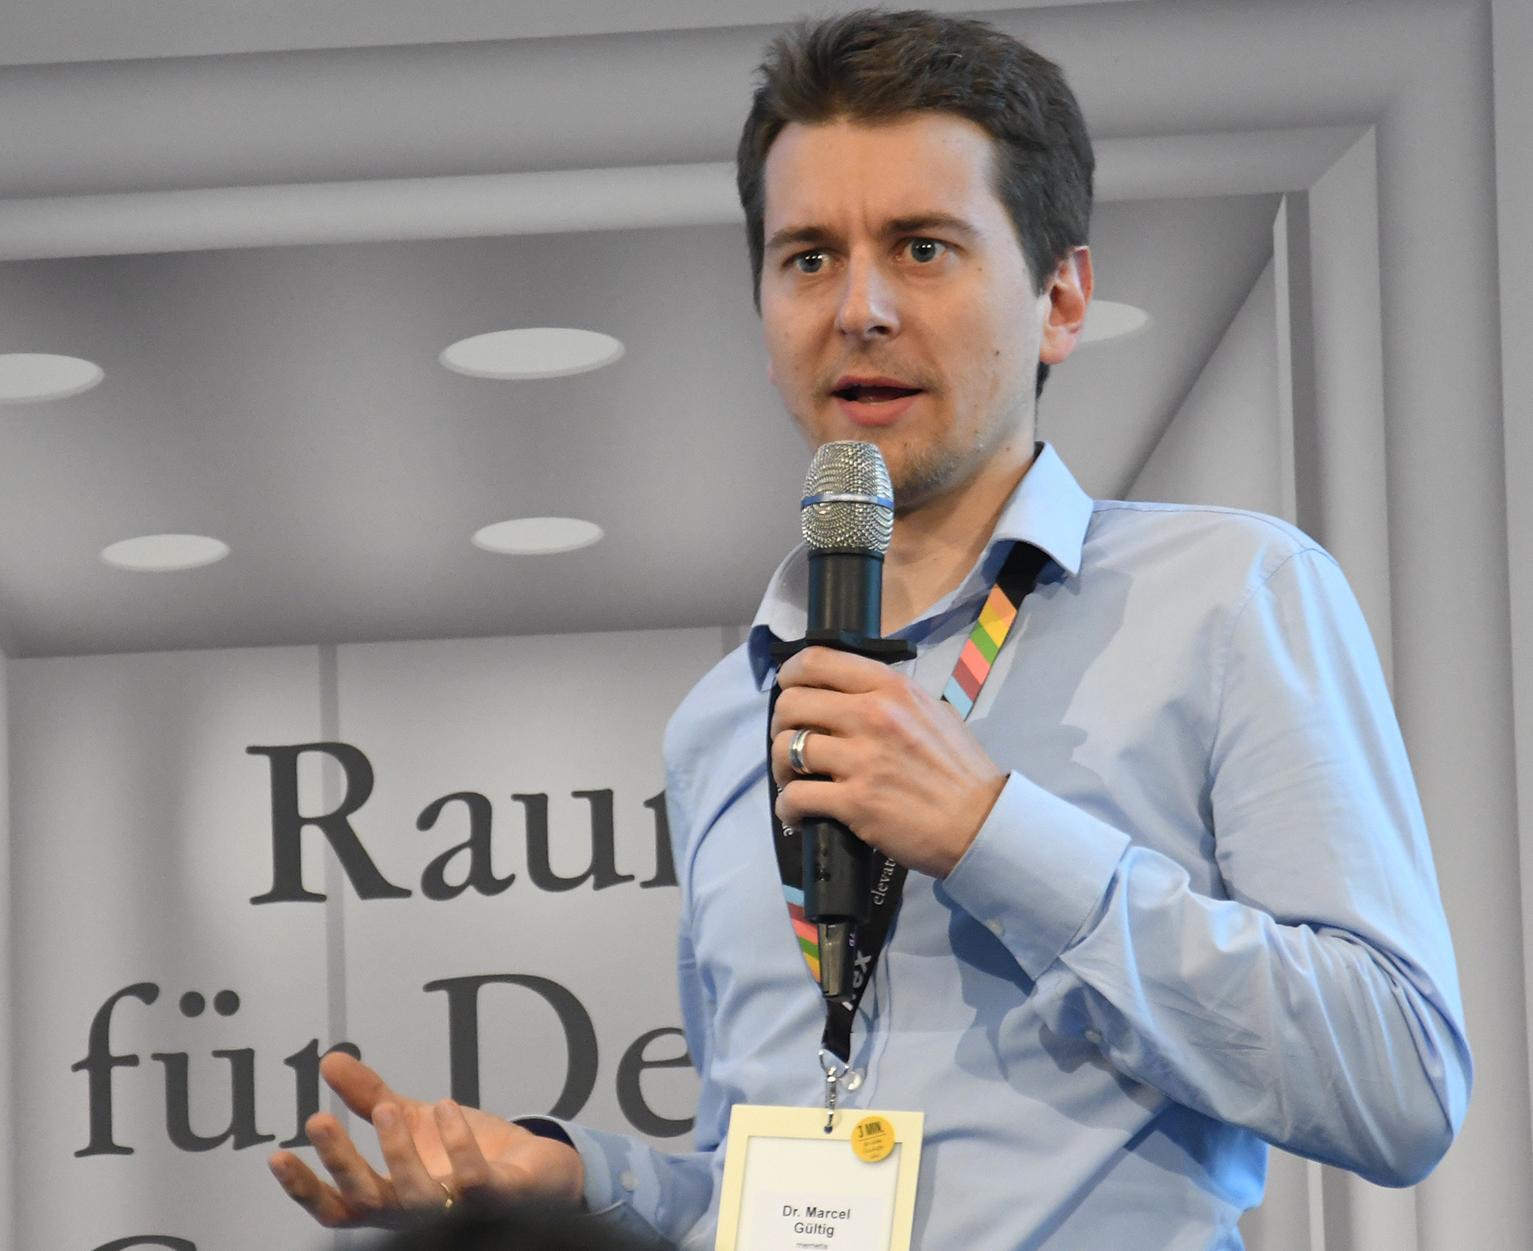 """Bild 5: Dr. Marcel Gültig, technischer Experte bei Memetis: """"Wer als Entwicklungsleiter nur auf das Althergebrachte setzt und dieses zum x-ten Mal optimiert oder mit einem neuen Farbanstrich versieht, der vergibt die Chancen, die in der smarten Aktorik unter Verwendung von Formgedächtniselementen stecken."""" (Bild: Elevator Pitch BW)"""